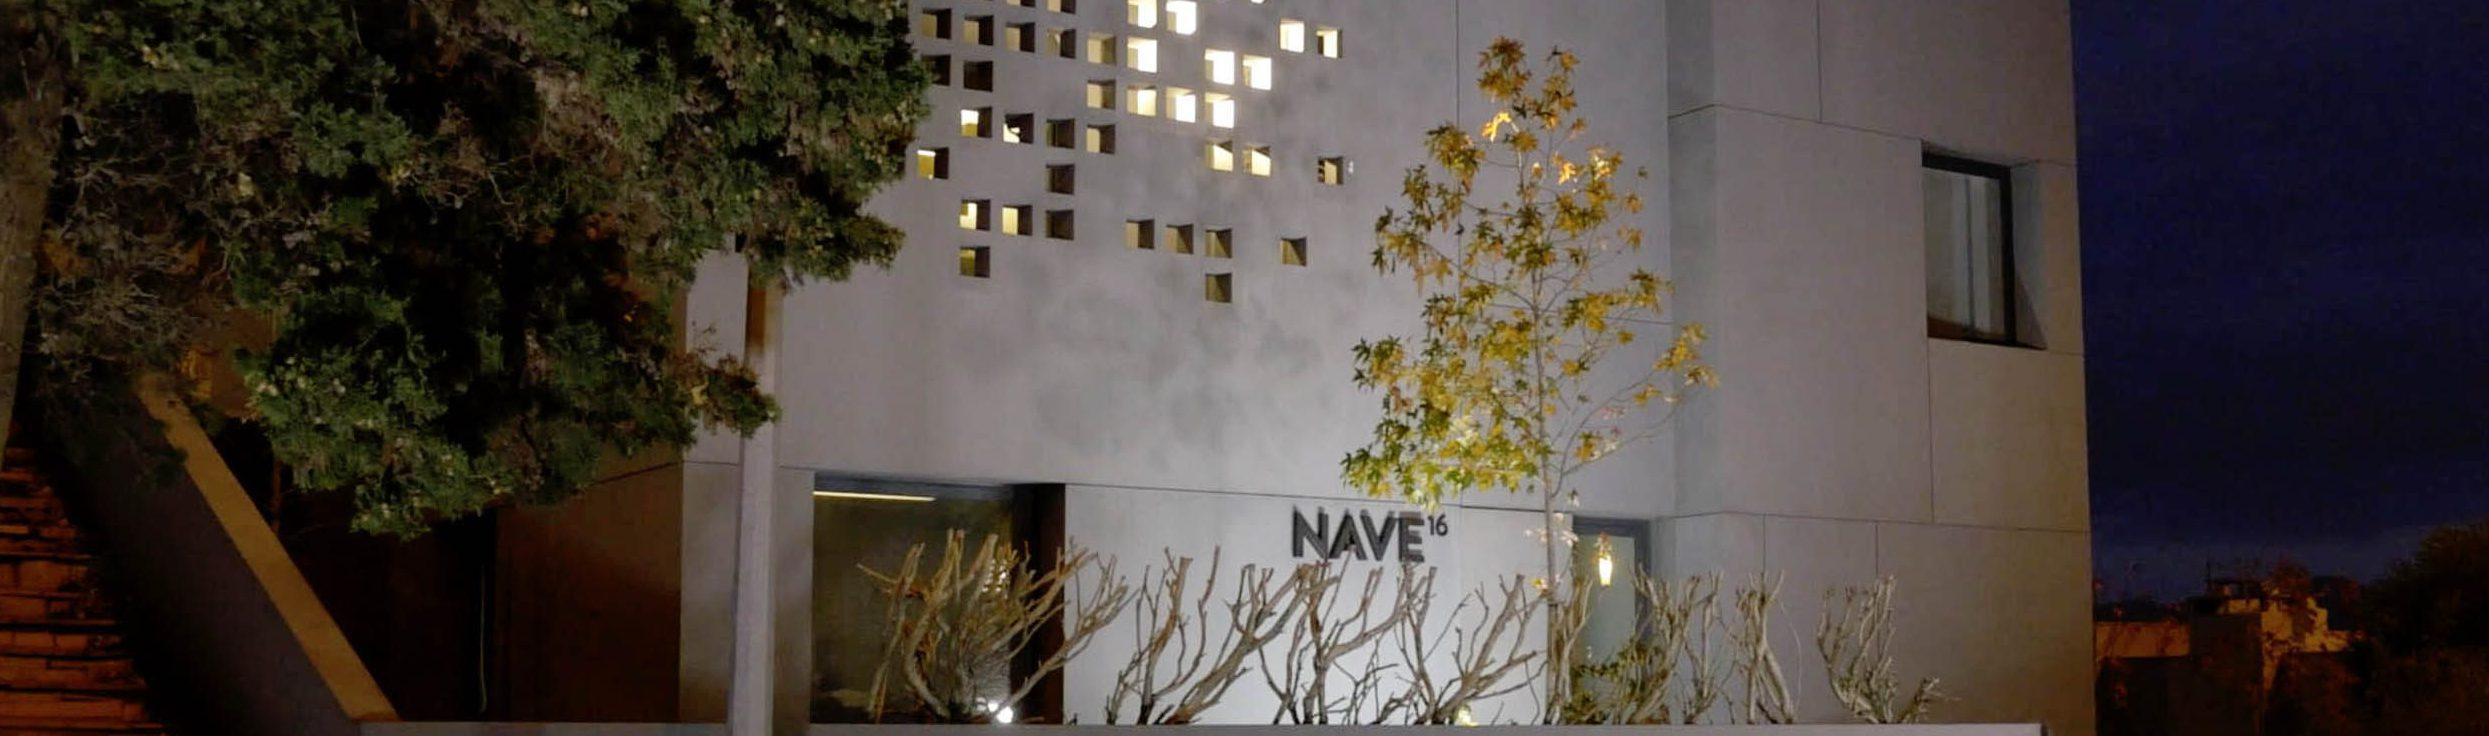 nave16-brand-storytelling